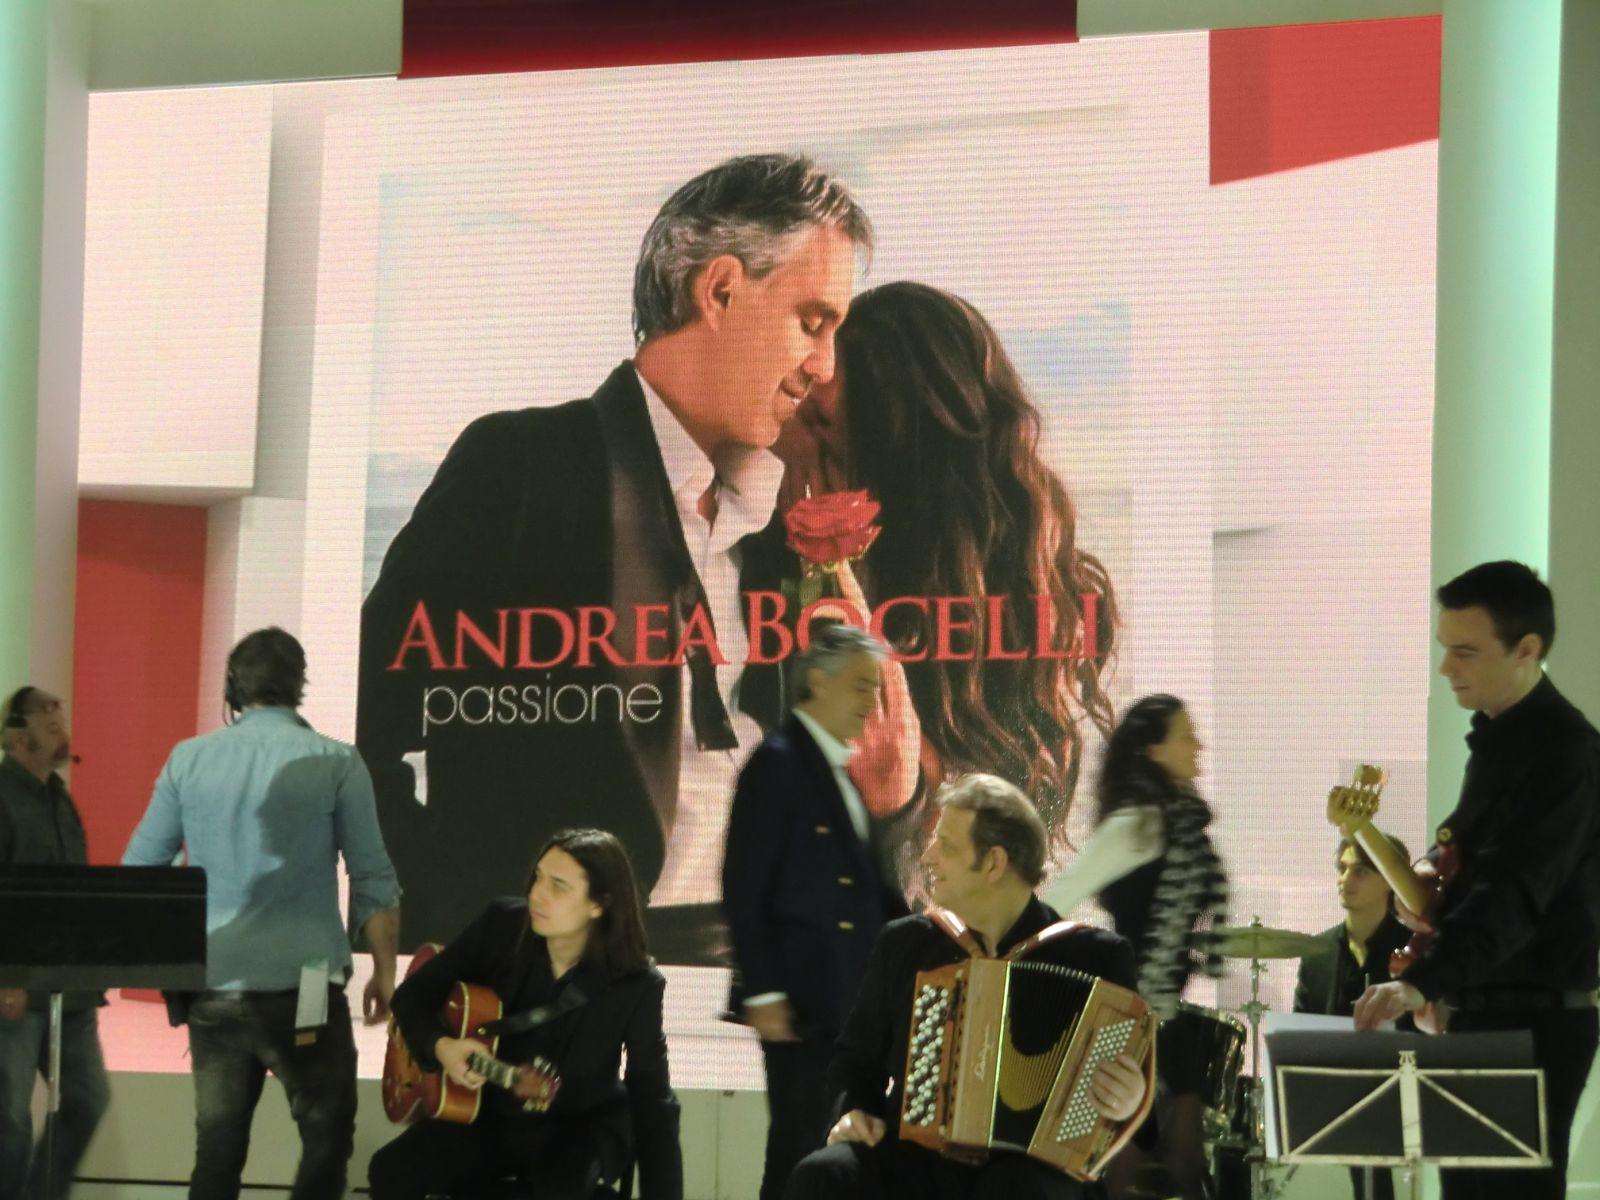 ANDREA BOCELLI (09/01/2013)